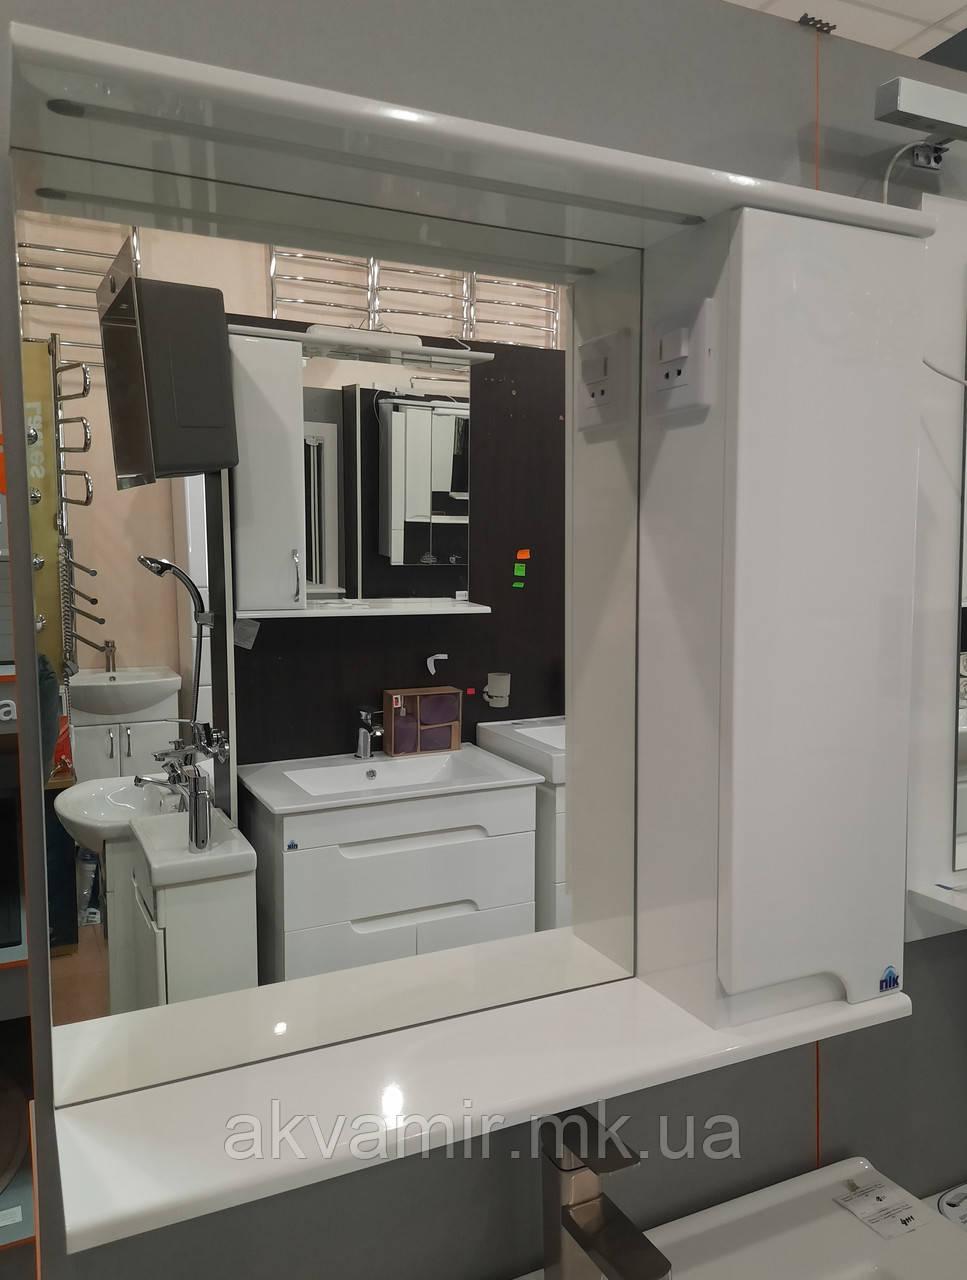 Зеркало в ванную Симпл ПиК 60 см белое с подсветкой